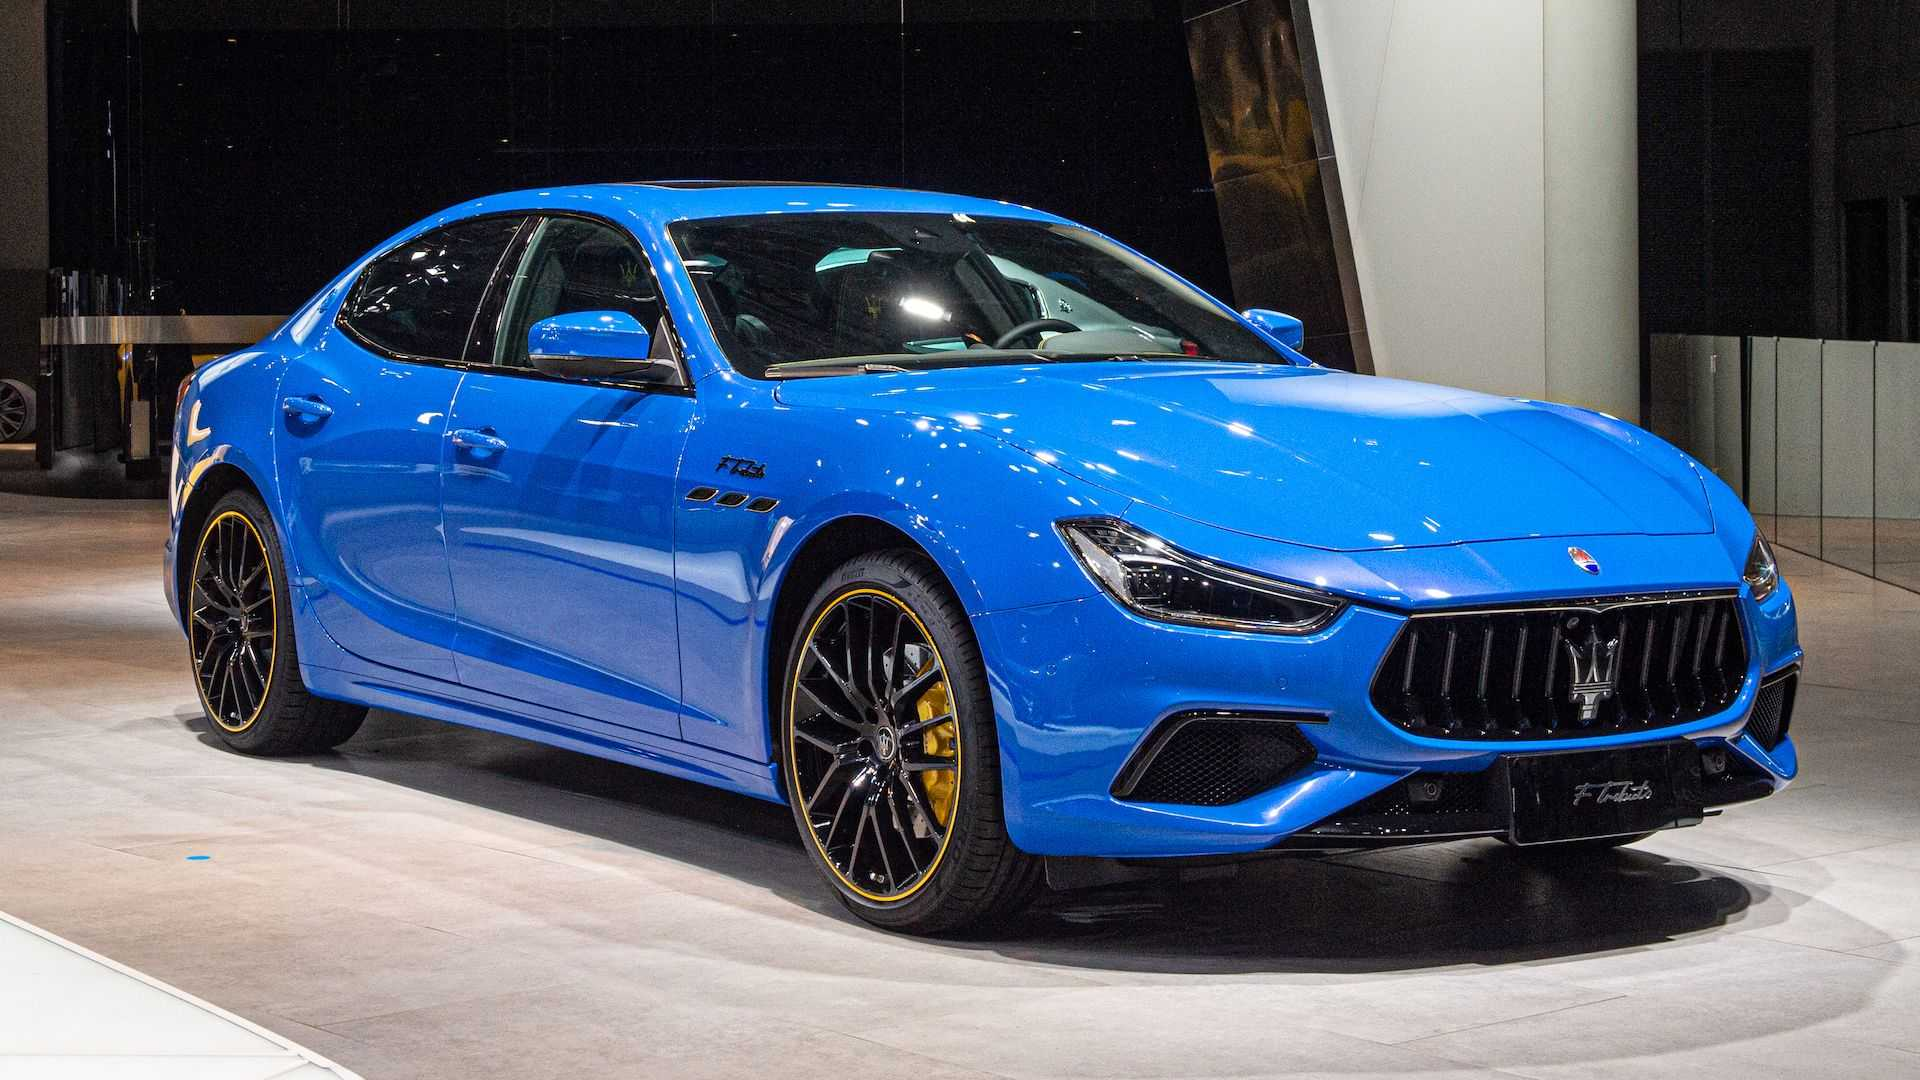 Maserati Ghibli F Tributo Special Edition